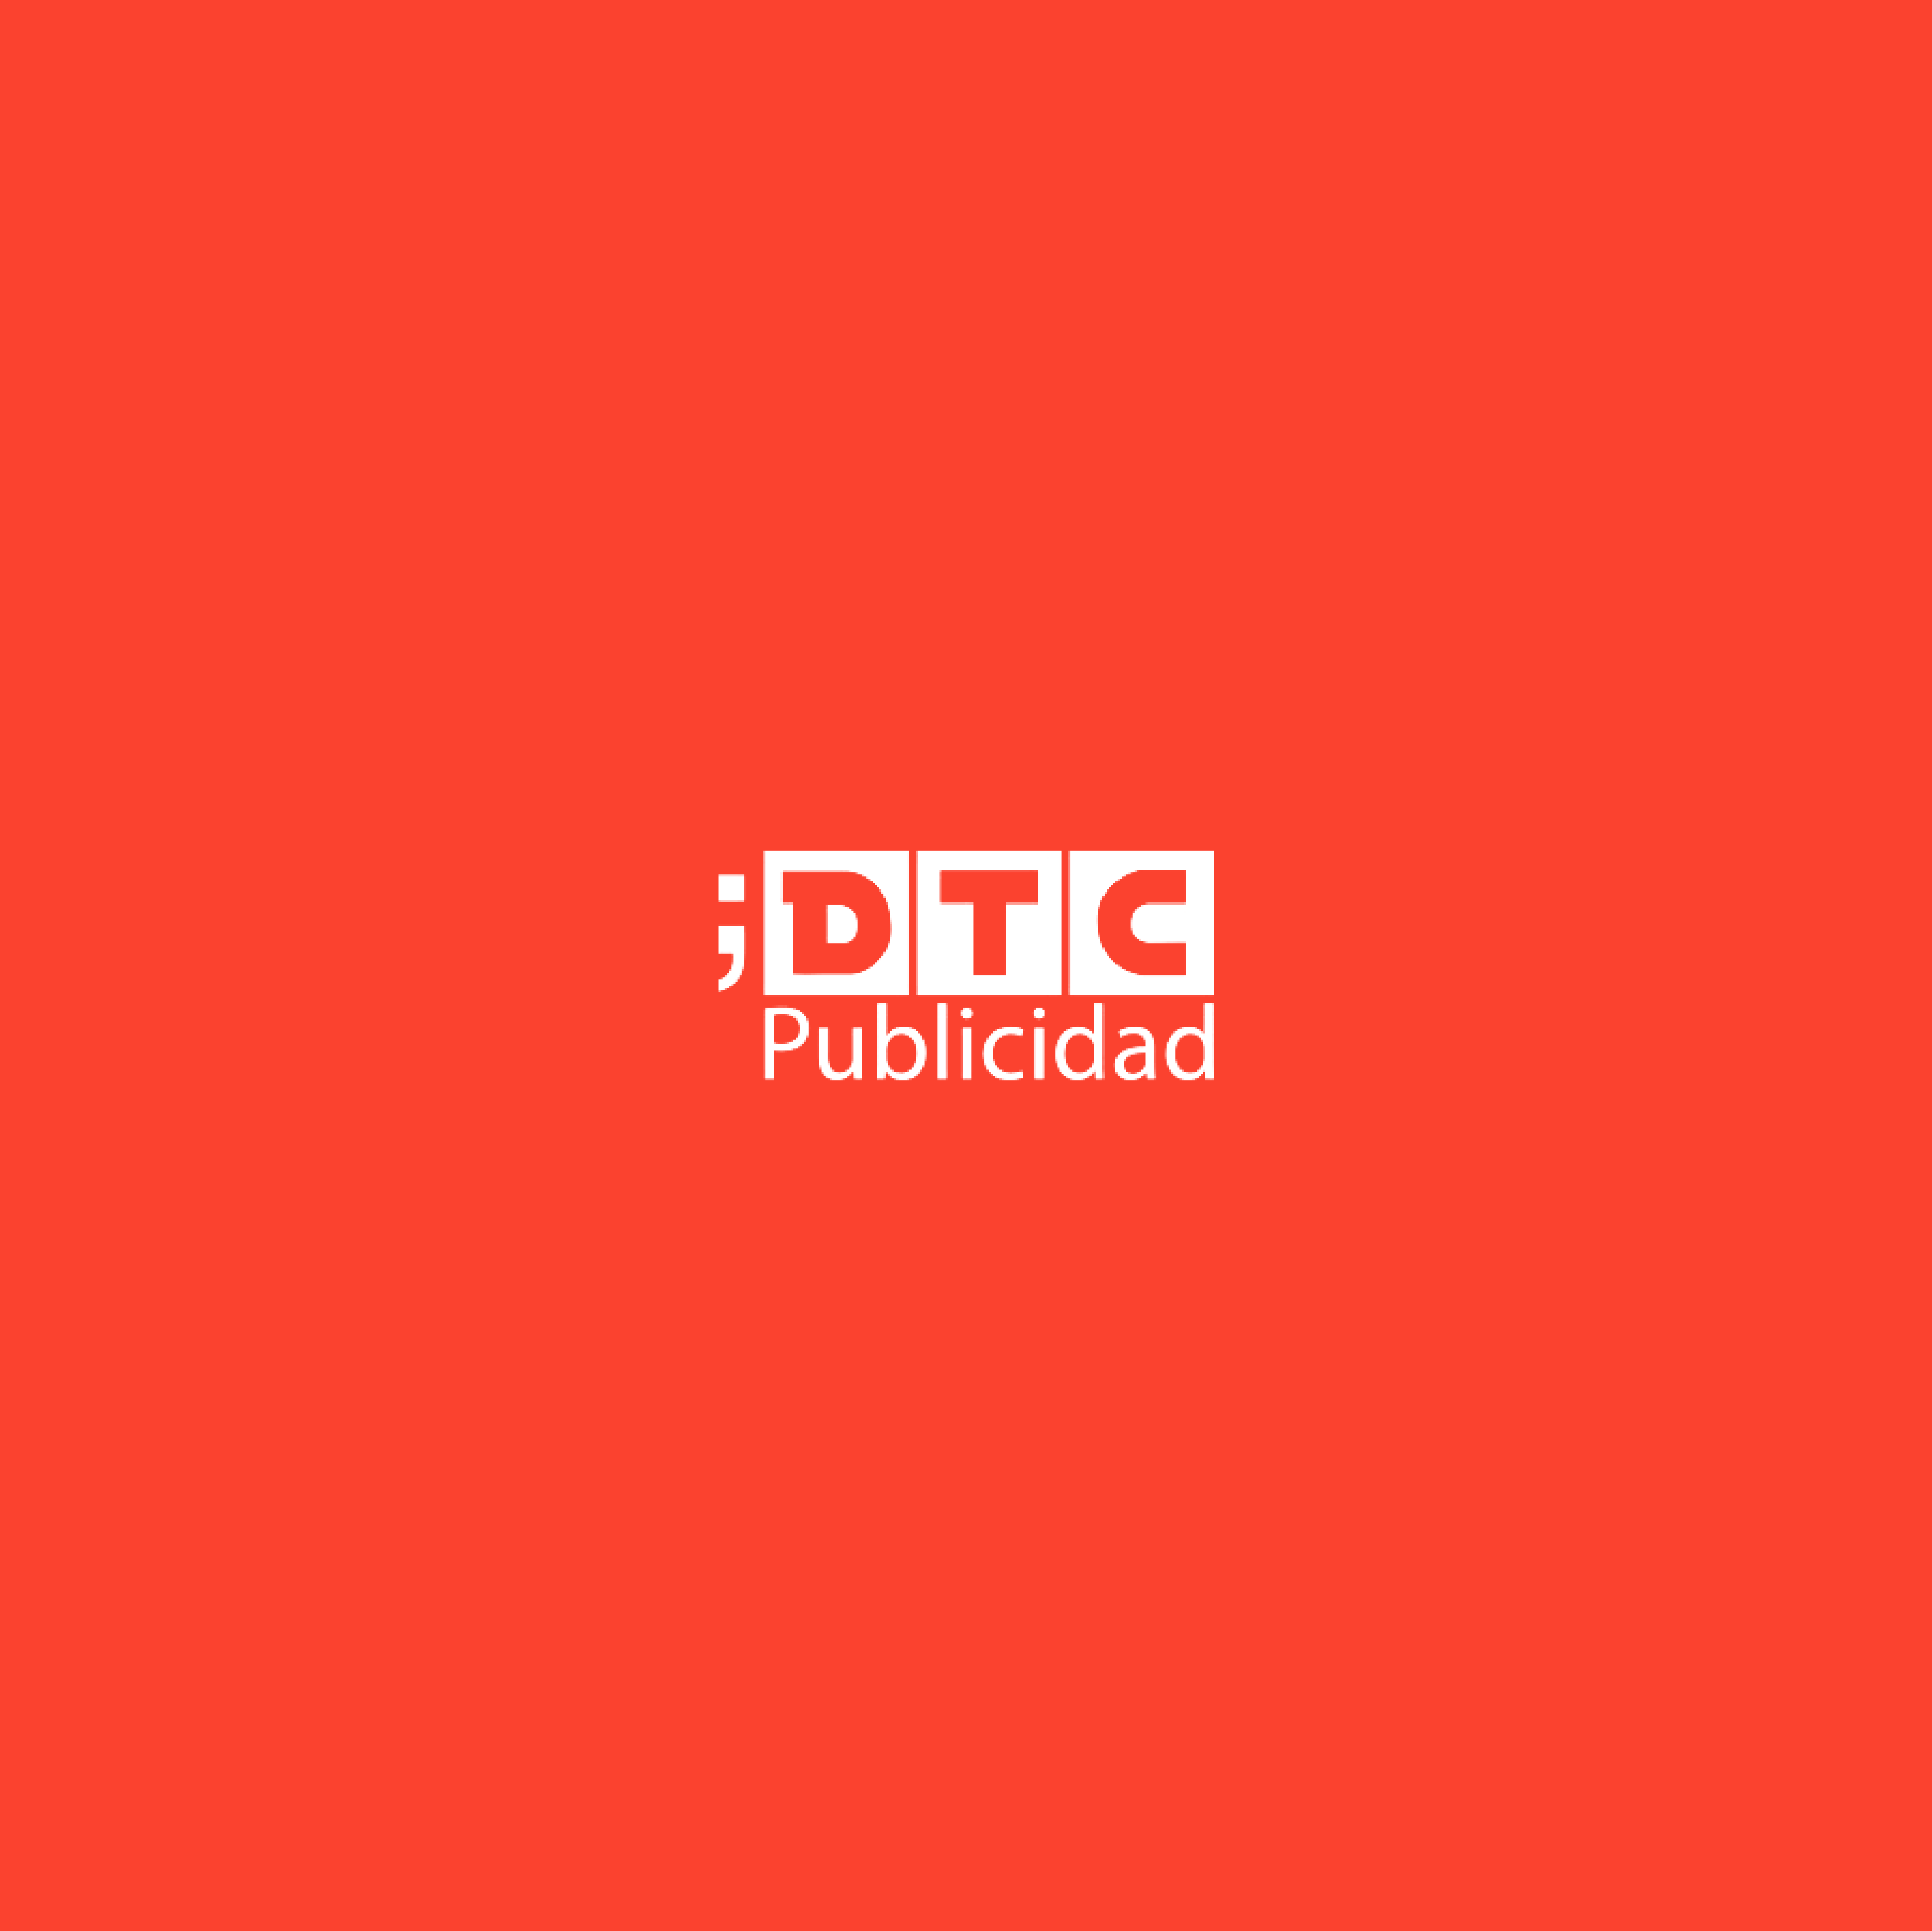 dtcpublicidad-portada-etline-06